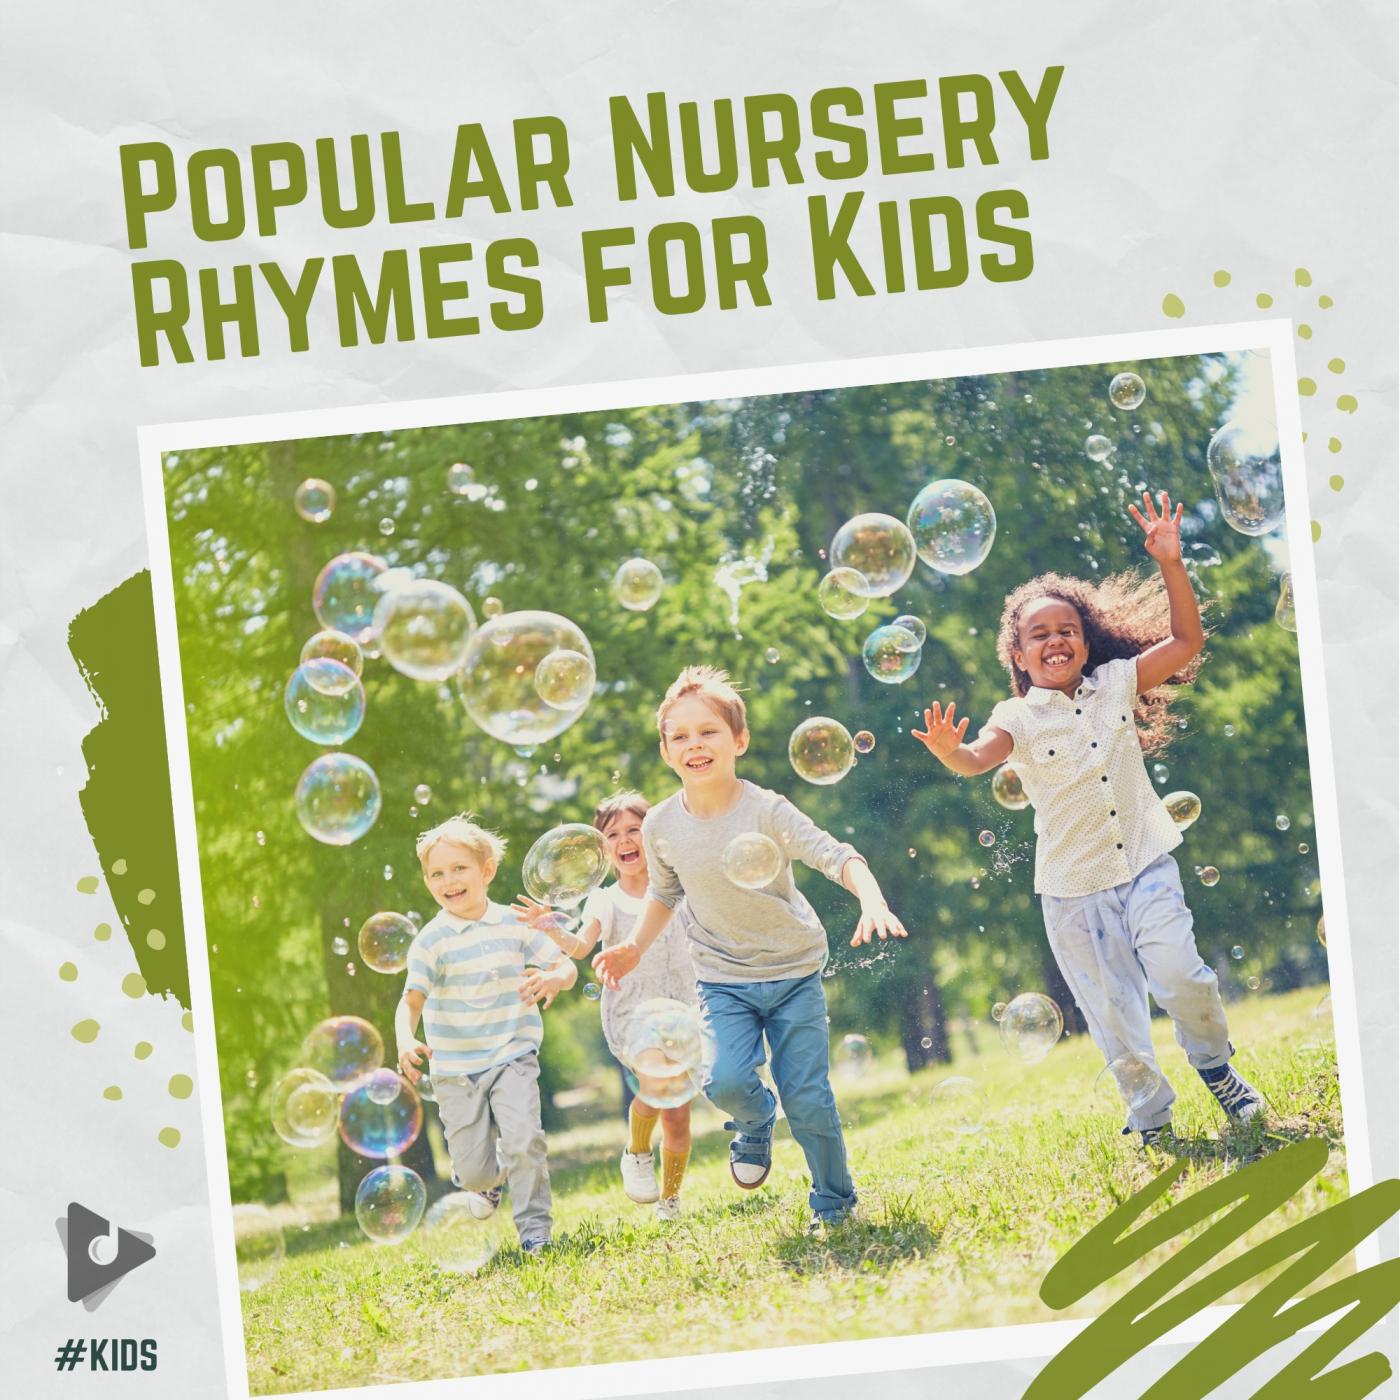 Popular Nursery Rhymes for Kids